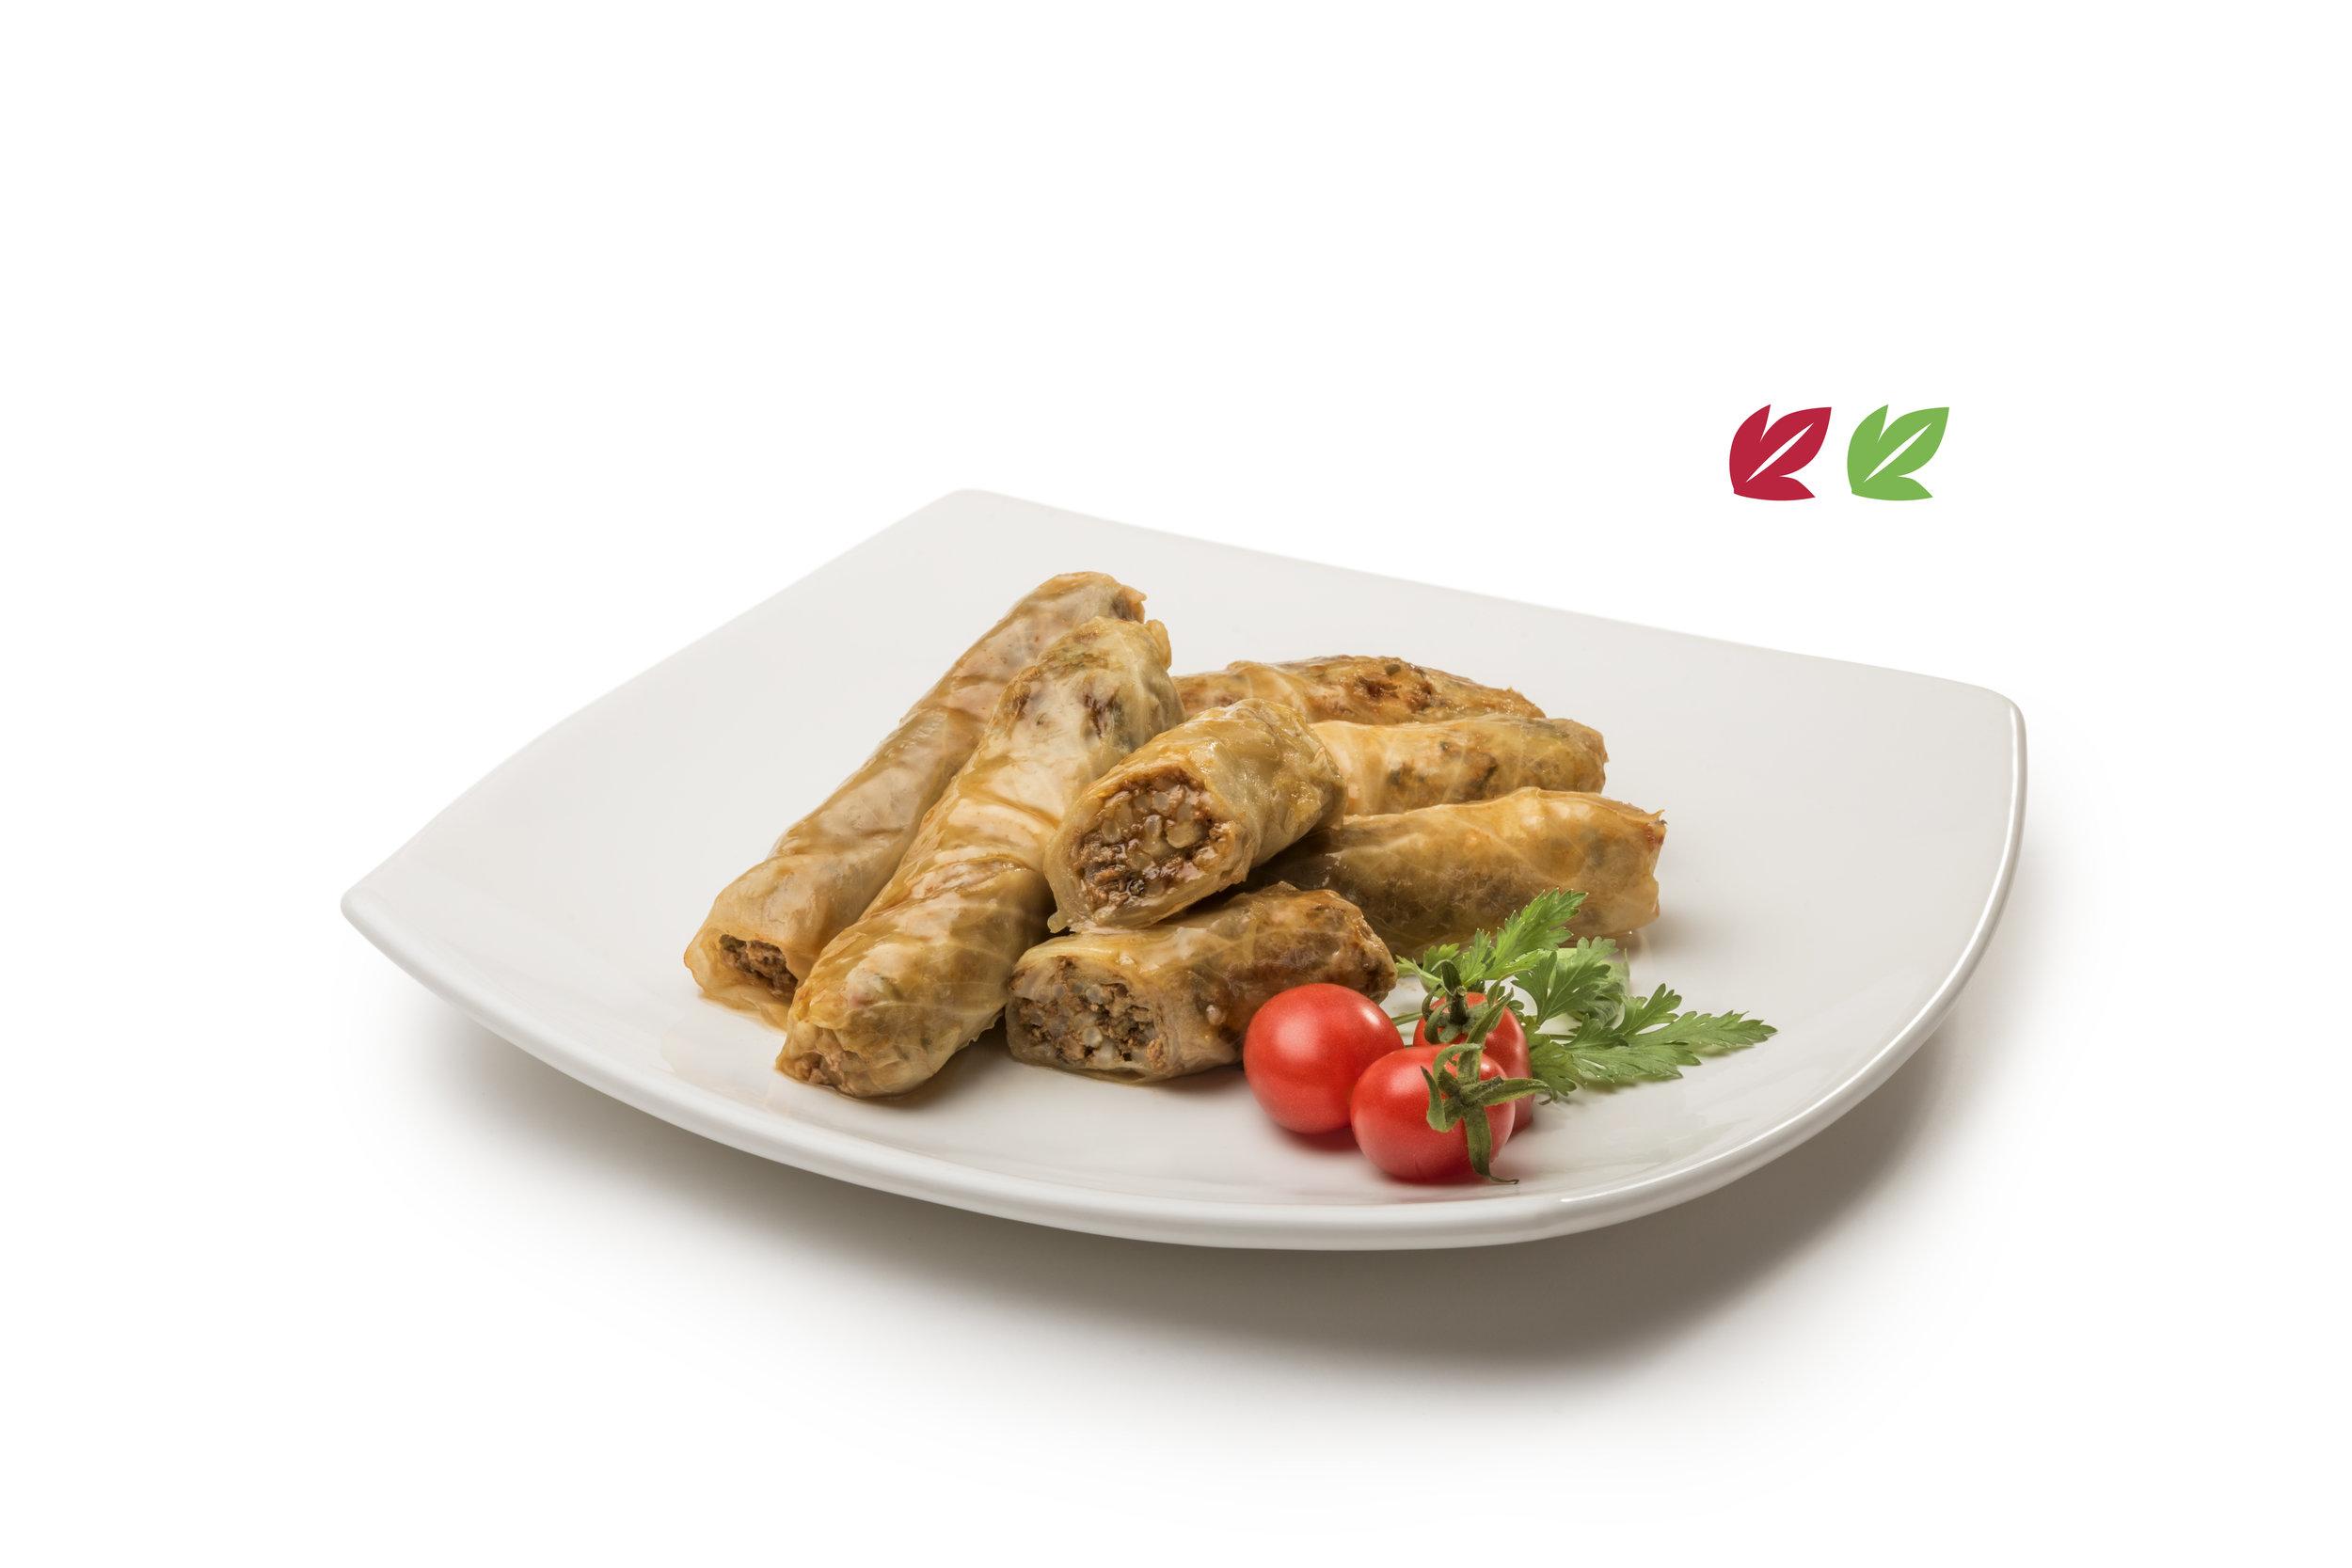 Sarmá - Relleno elaborado con carne y arroz, condimentado, envuelto en hoja de repollo. Porción de 6 unidades.Opción vegana con legumbres y arroz integral$380 / $340